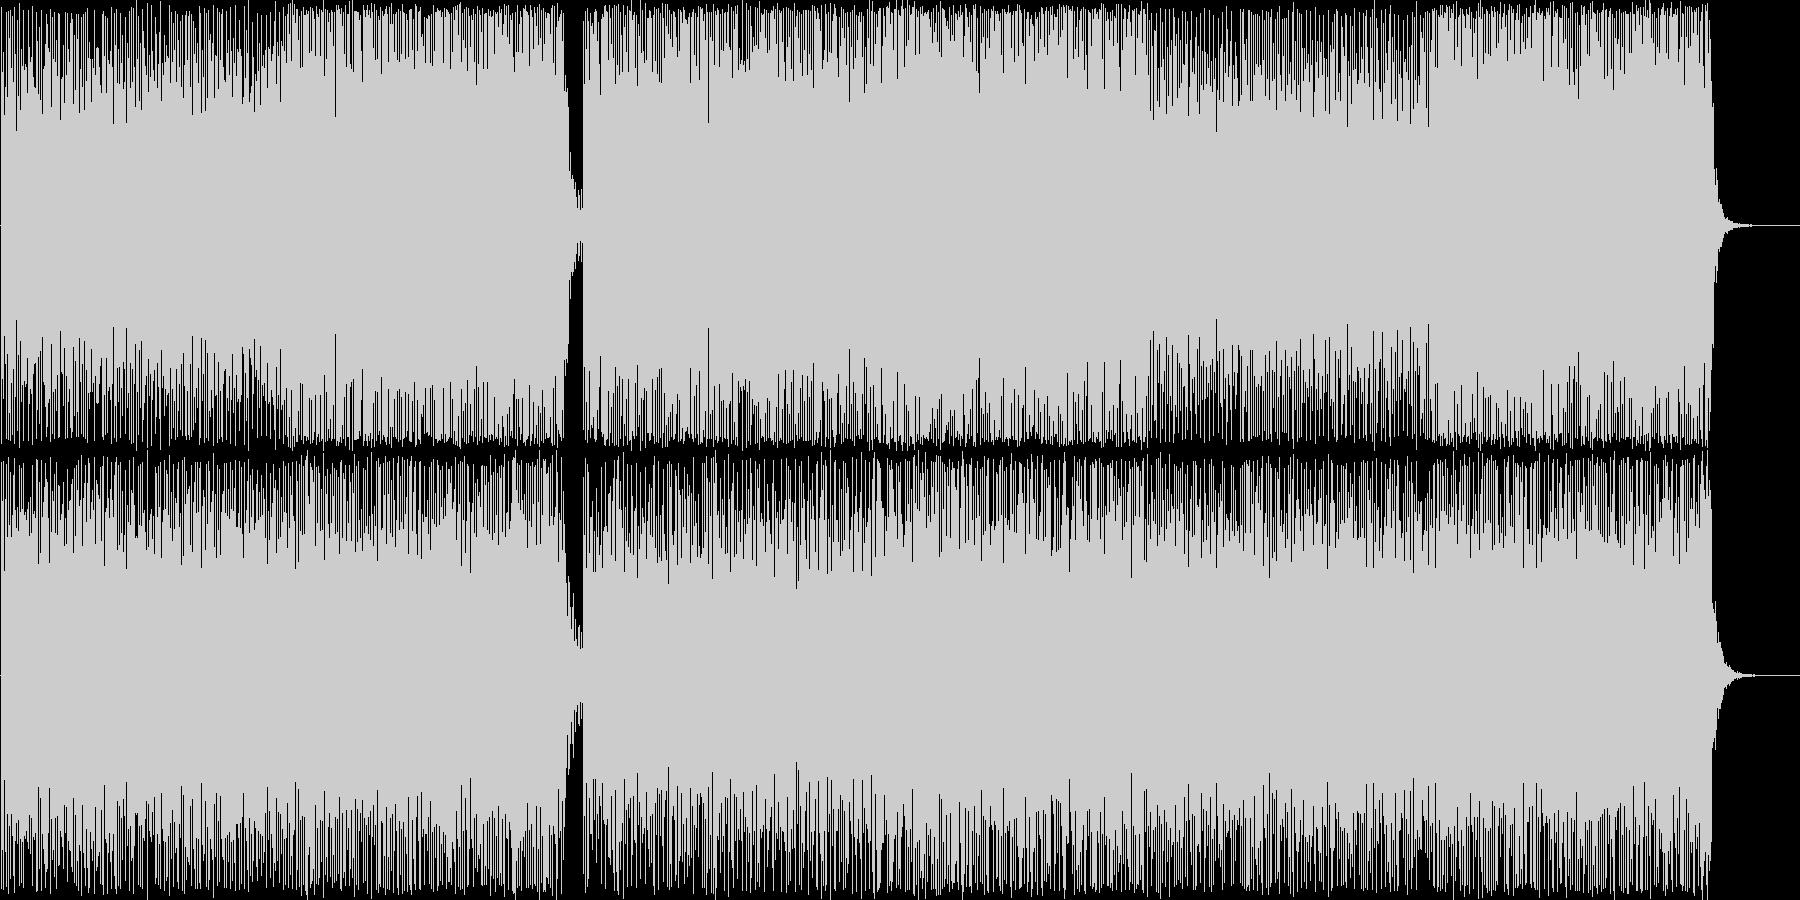 エレクトロニックポップBGM(Voなし)の未再生の波形